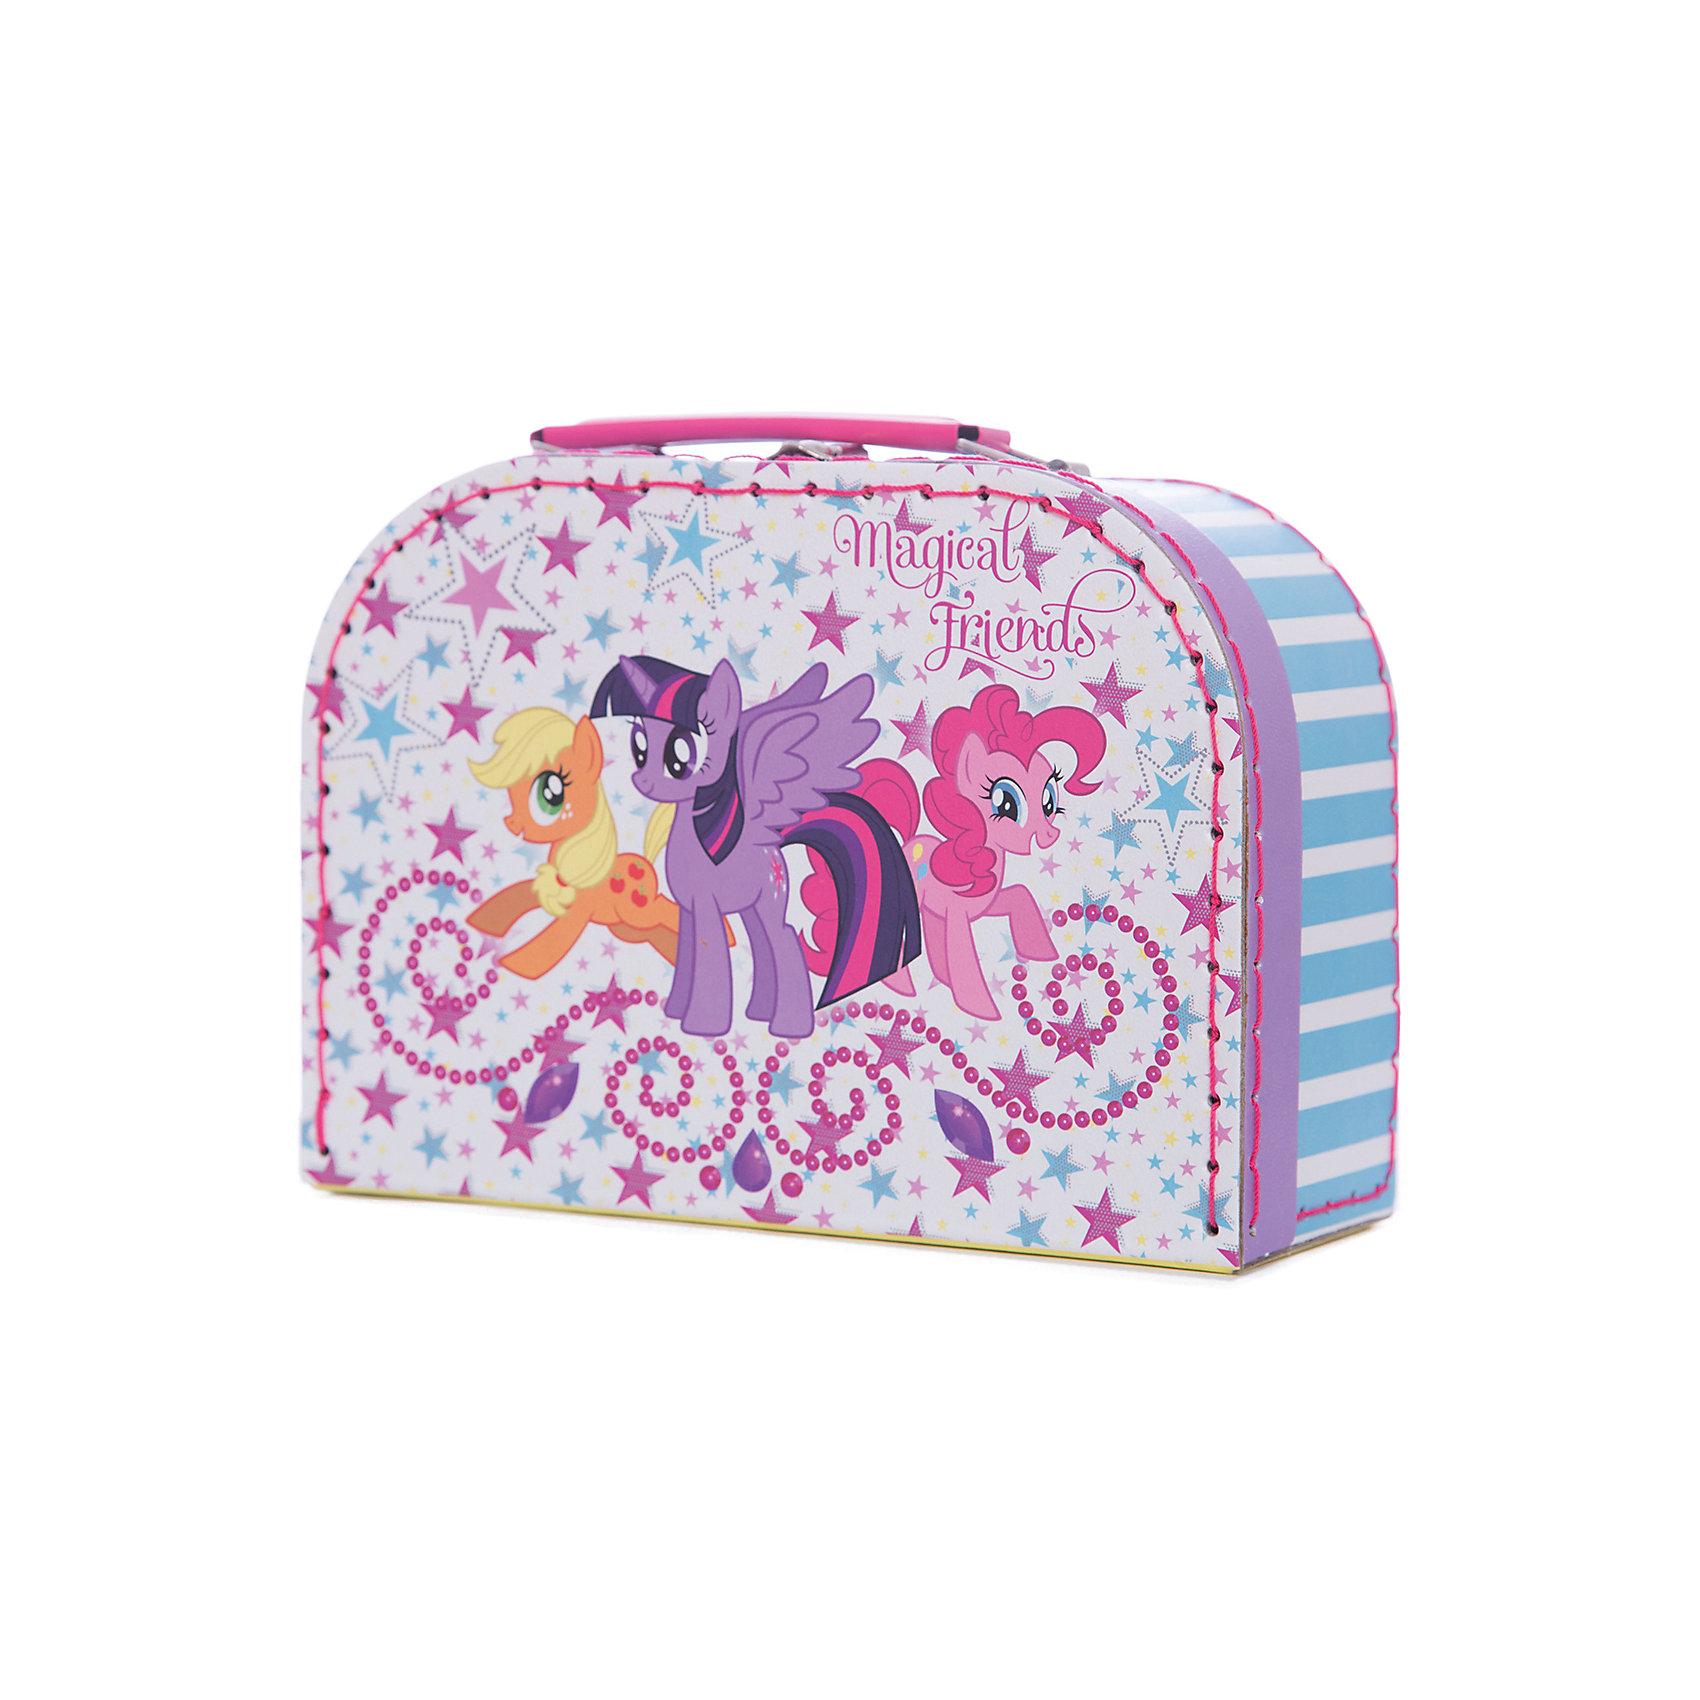 Шьем сумочку Пинки Пай, My Little PonyРукоделие<br>Набор Шьем сумочку Пинки Пай, My Little Pony (Мой маленький пони) отлично подойдет для самых юных рукодельниц, которые только начинают осваивать увлекательное искусство шитья. Каждая деталь из фетра перфорирована таким образом, чтобы девочка могла очень легко сшить их безопасной иголкой. Используя подробную инструкцию, она легко сможет сделать оригинальную круглую сумочку с ручками с изображением задорной Пинки Пай. Презентабельная упаковка в виде чемоданчика делает набор роскошным подарком.<br><br>Комплектация: фетровые детали, безопасная игла, нитки, текстильные заготовки для ручек, пайетки<br><br>Дополнительная информация:<br>-Серия: Мой маленький пони: Дружба – это чудо<br>-Вес в упаковке: 175 г<br>-Размеры в упаковке: 200х80х145 мм<br>-Материалы: фетр, пластик, картон, металл<br>-Упаковка: сумка с ручкой<br><br>Творческий набор станет замечательным подарком всем поклонницам мультсериала «Дружба – это чудо!», а также всем девочкам, которые мечтают научиться шить!<br><br>Шьем сумочку Пинки Пай, My Little Pony (Май литл Пони) можно купить в нашем магазине.<br><br>Ширина мм: 200<br>Глубина мм: 80<br>Высота мм: 145<br>Вес г: 175<br>Возраст от месяцев: 60<br>Возраст до месяцев: 144<br>Пол: Женский<br>Возраст: Детский<br>SKU: 4035254